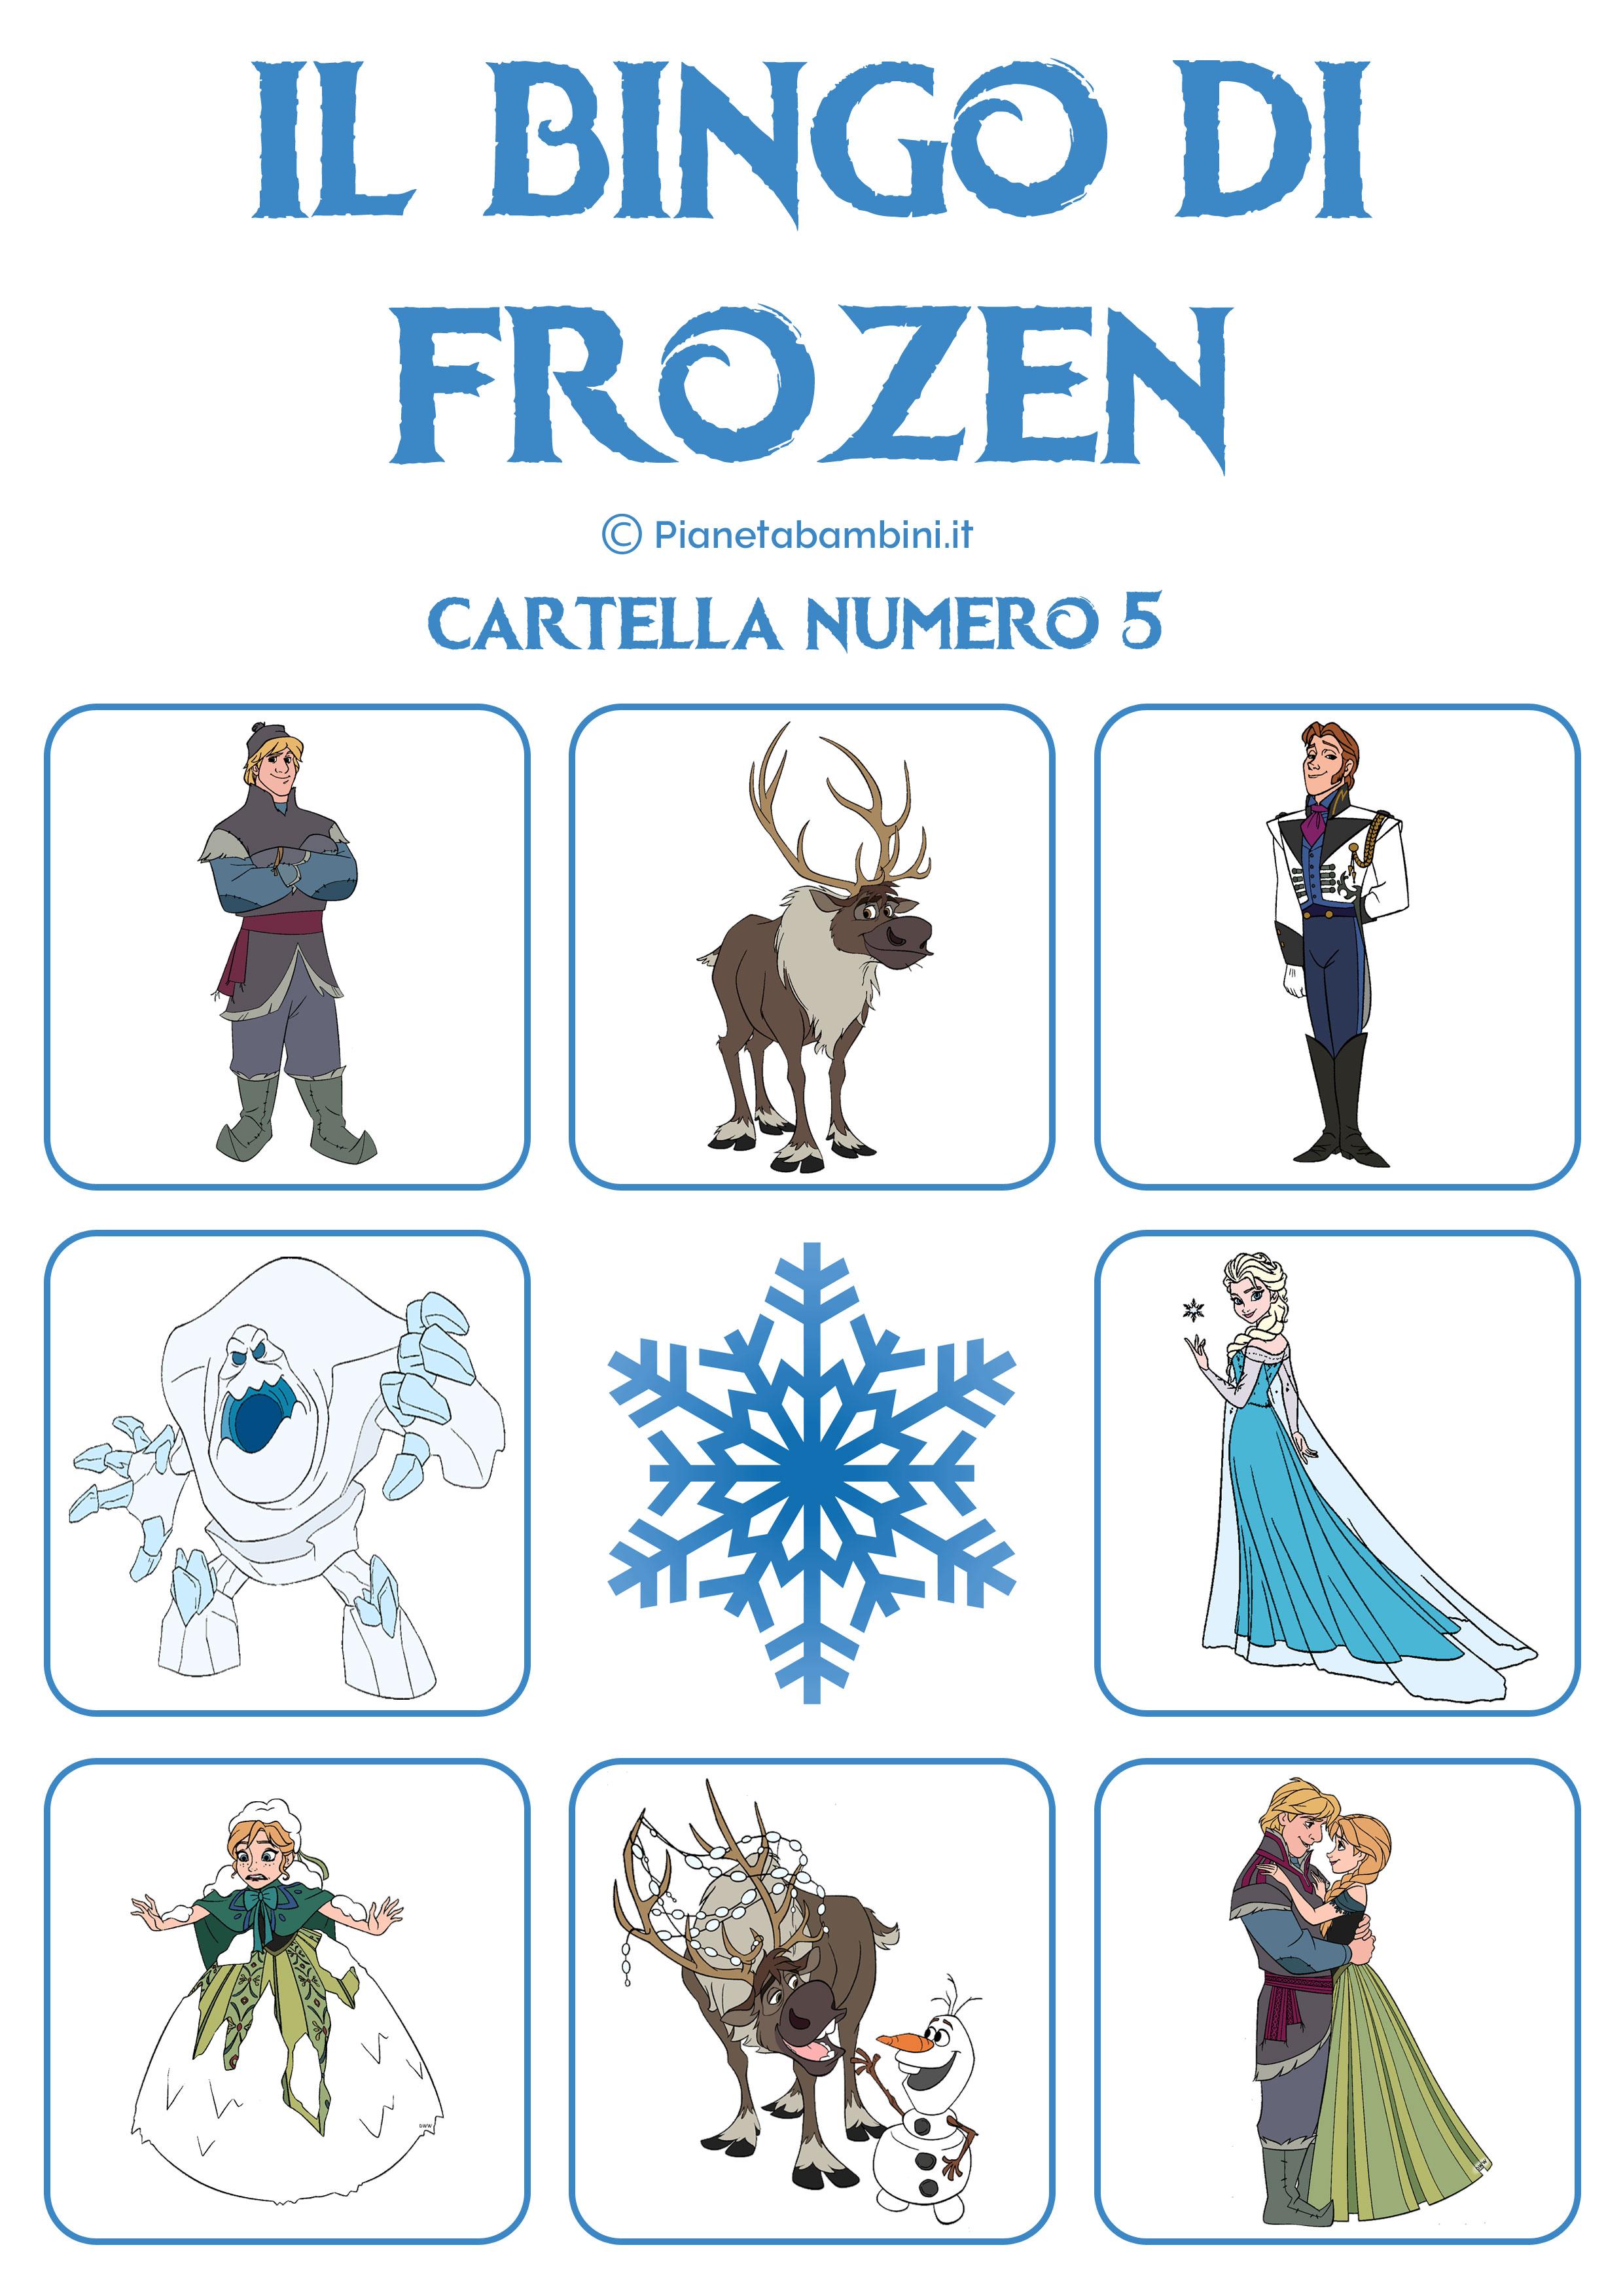 Bingo-Frozen-Cartella-5